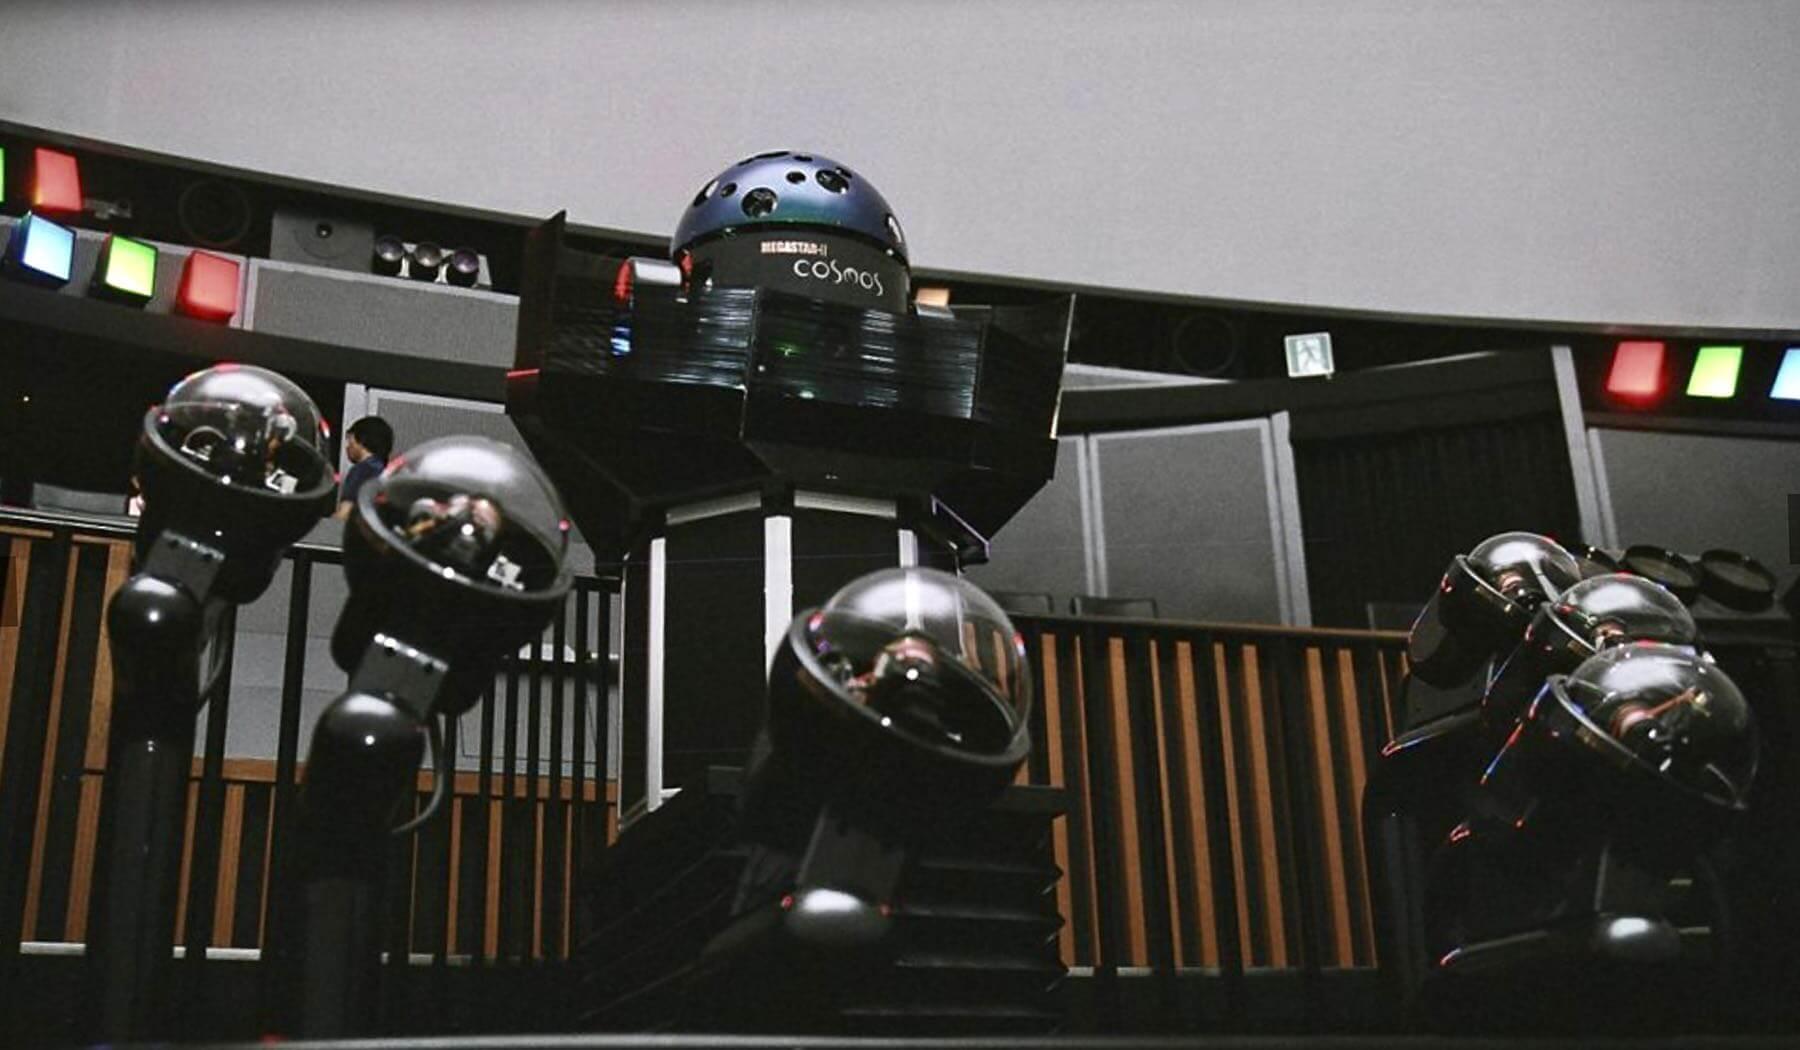 03 MEGASTAR II cosmos